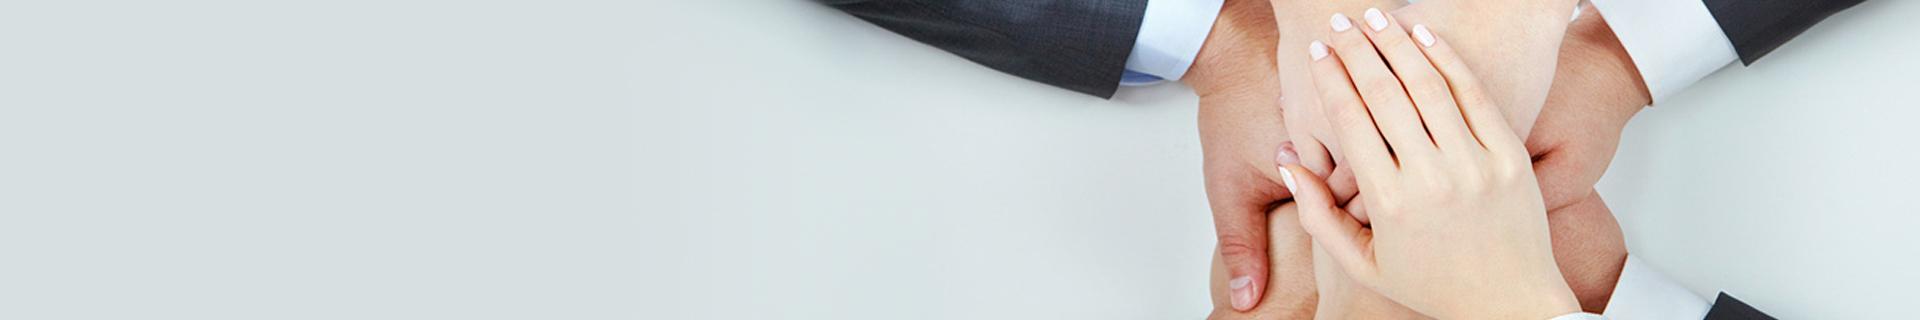 山东大奖游戏手机客户端大奖娱乐官方网站pt888股份有限公司